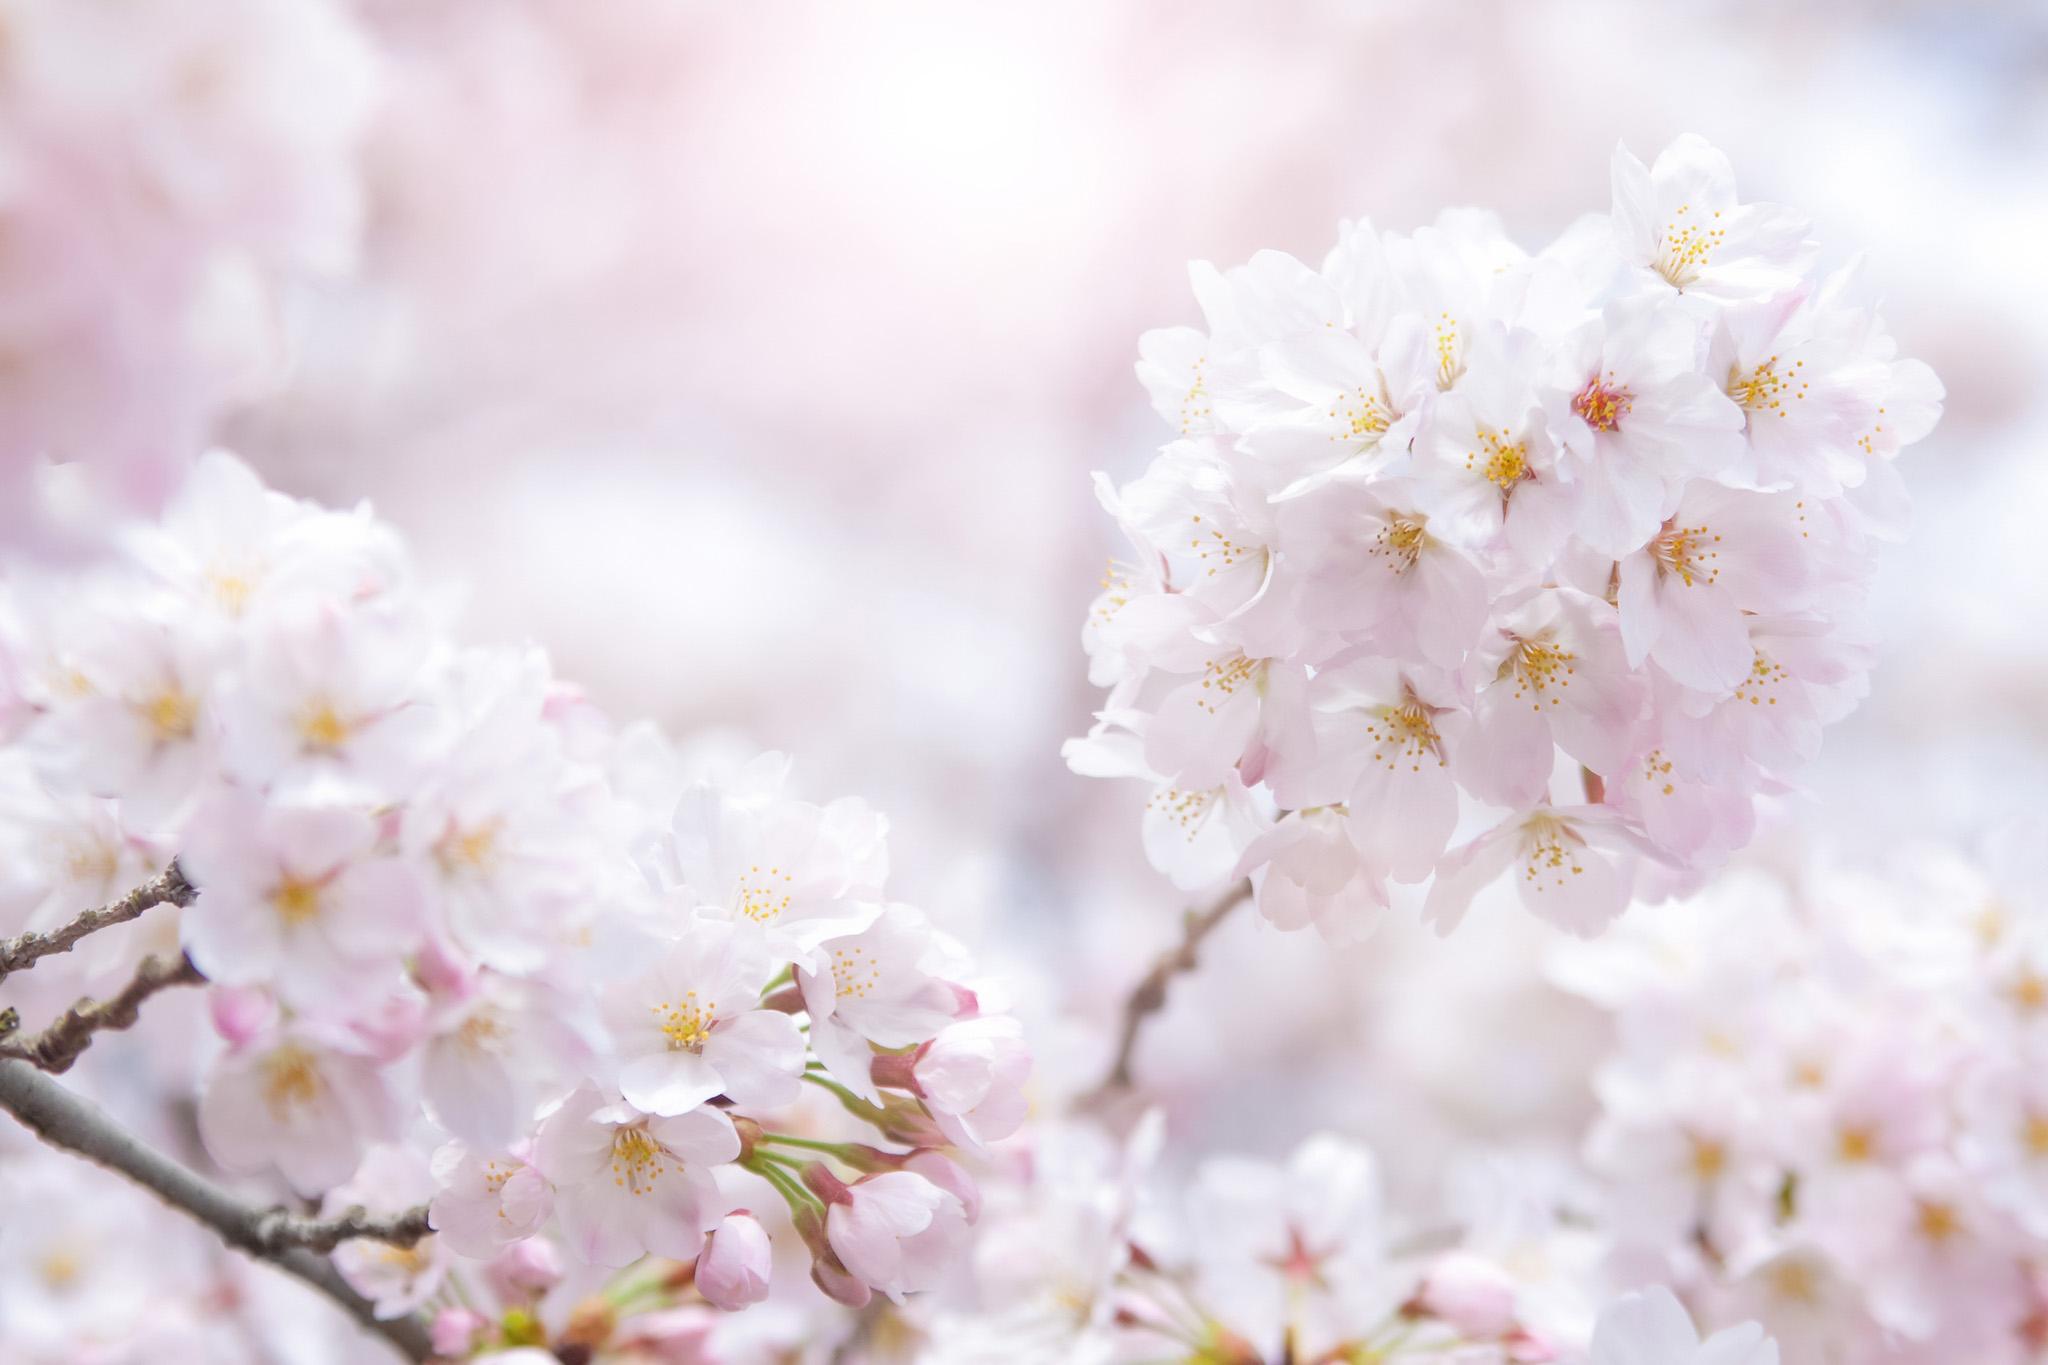 「満開の桜の花と春の陽射し」